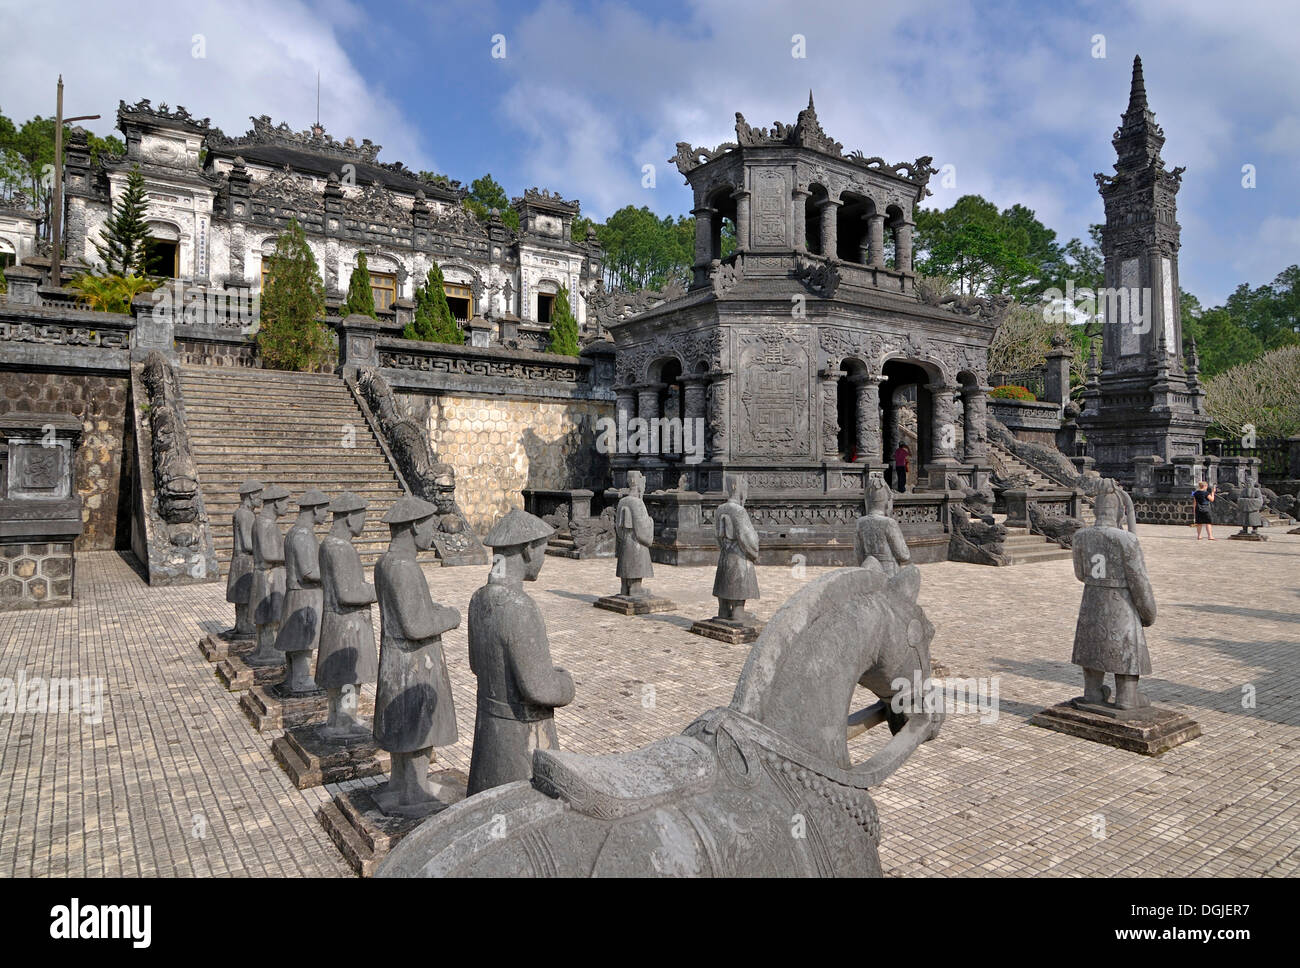 Tombeau de l'Empereur Khai Dinh, le mausolée, gardien des statues en pierre, Hue, UNESCO World Heritage Site, Vietnam, Asie Photo Stock